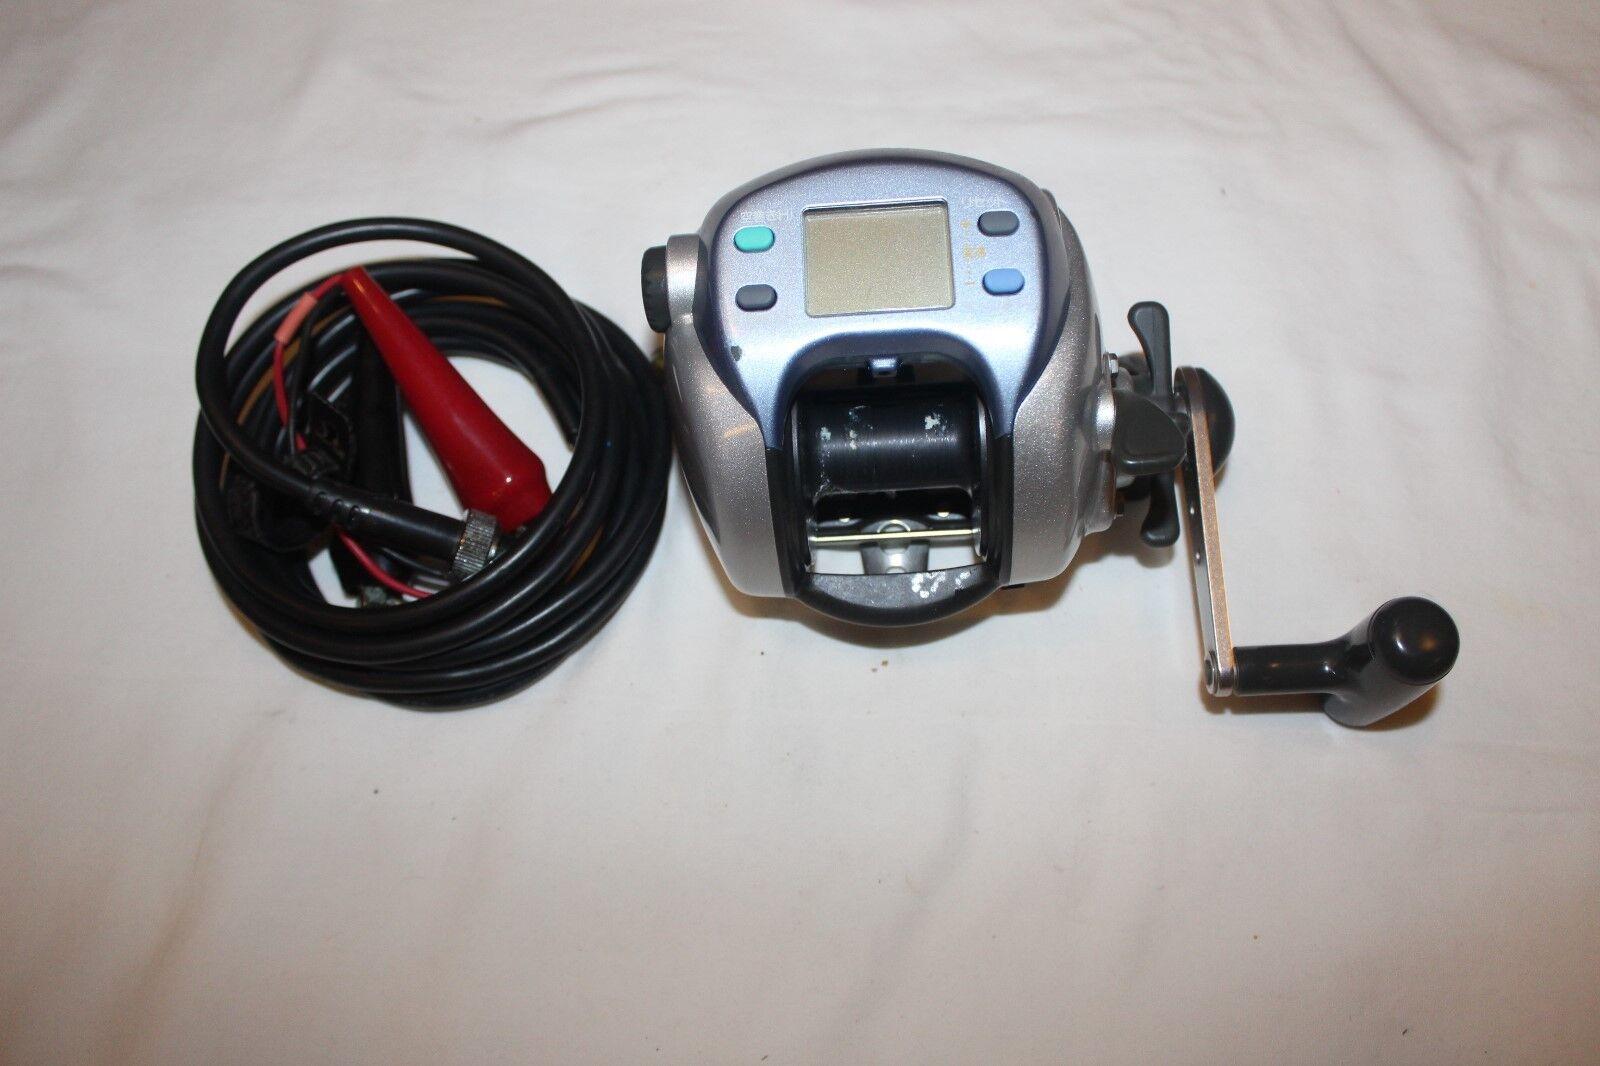 DAIWA SUPERTANACOM-S-500-WP-IM OVP-ELEKTROROLLE-MADE OVP-ELEKTROROLLE-MADE OVP-ELEKTROROLLE-MADE IN JAPAN-Nr-909 c8a161